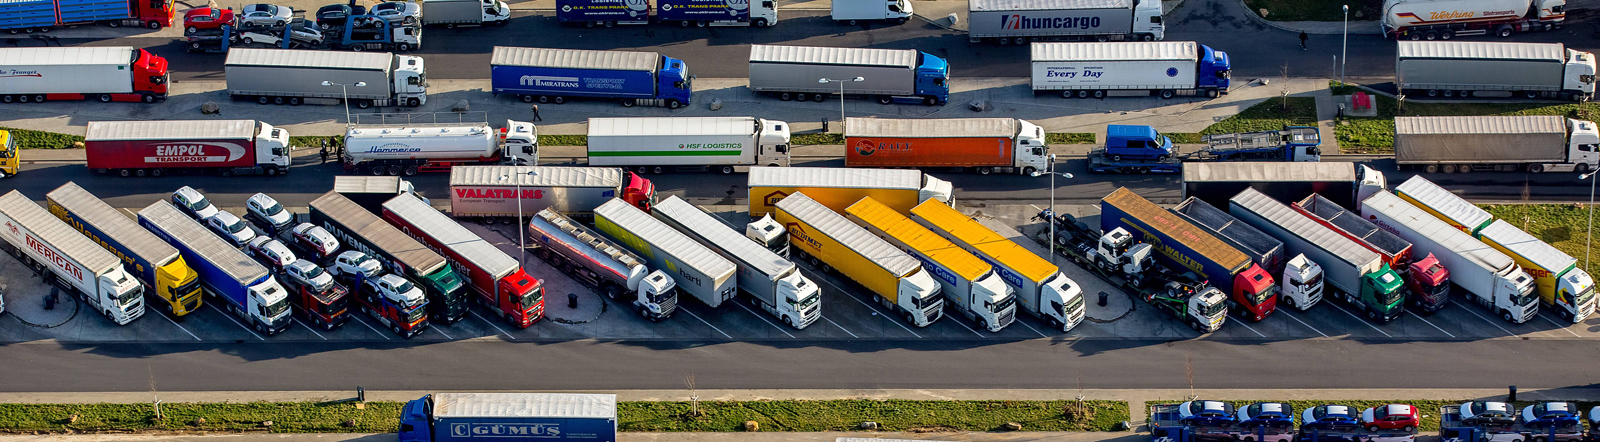 Luftaufnahme eines überfüllten LKW-Parkplatzes